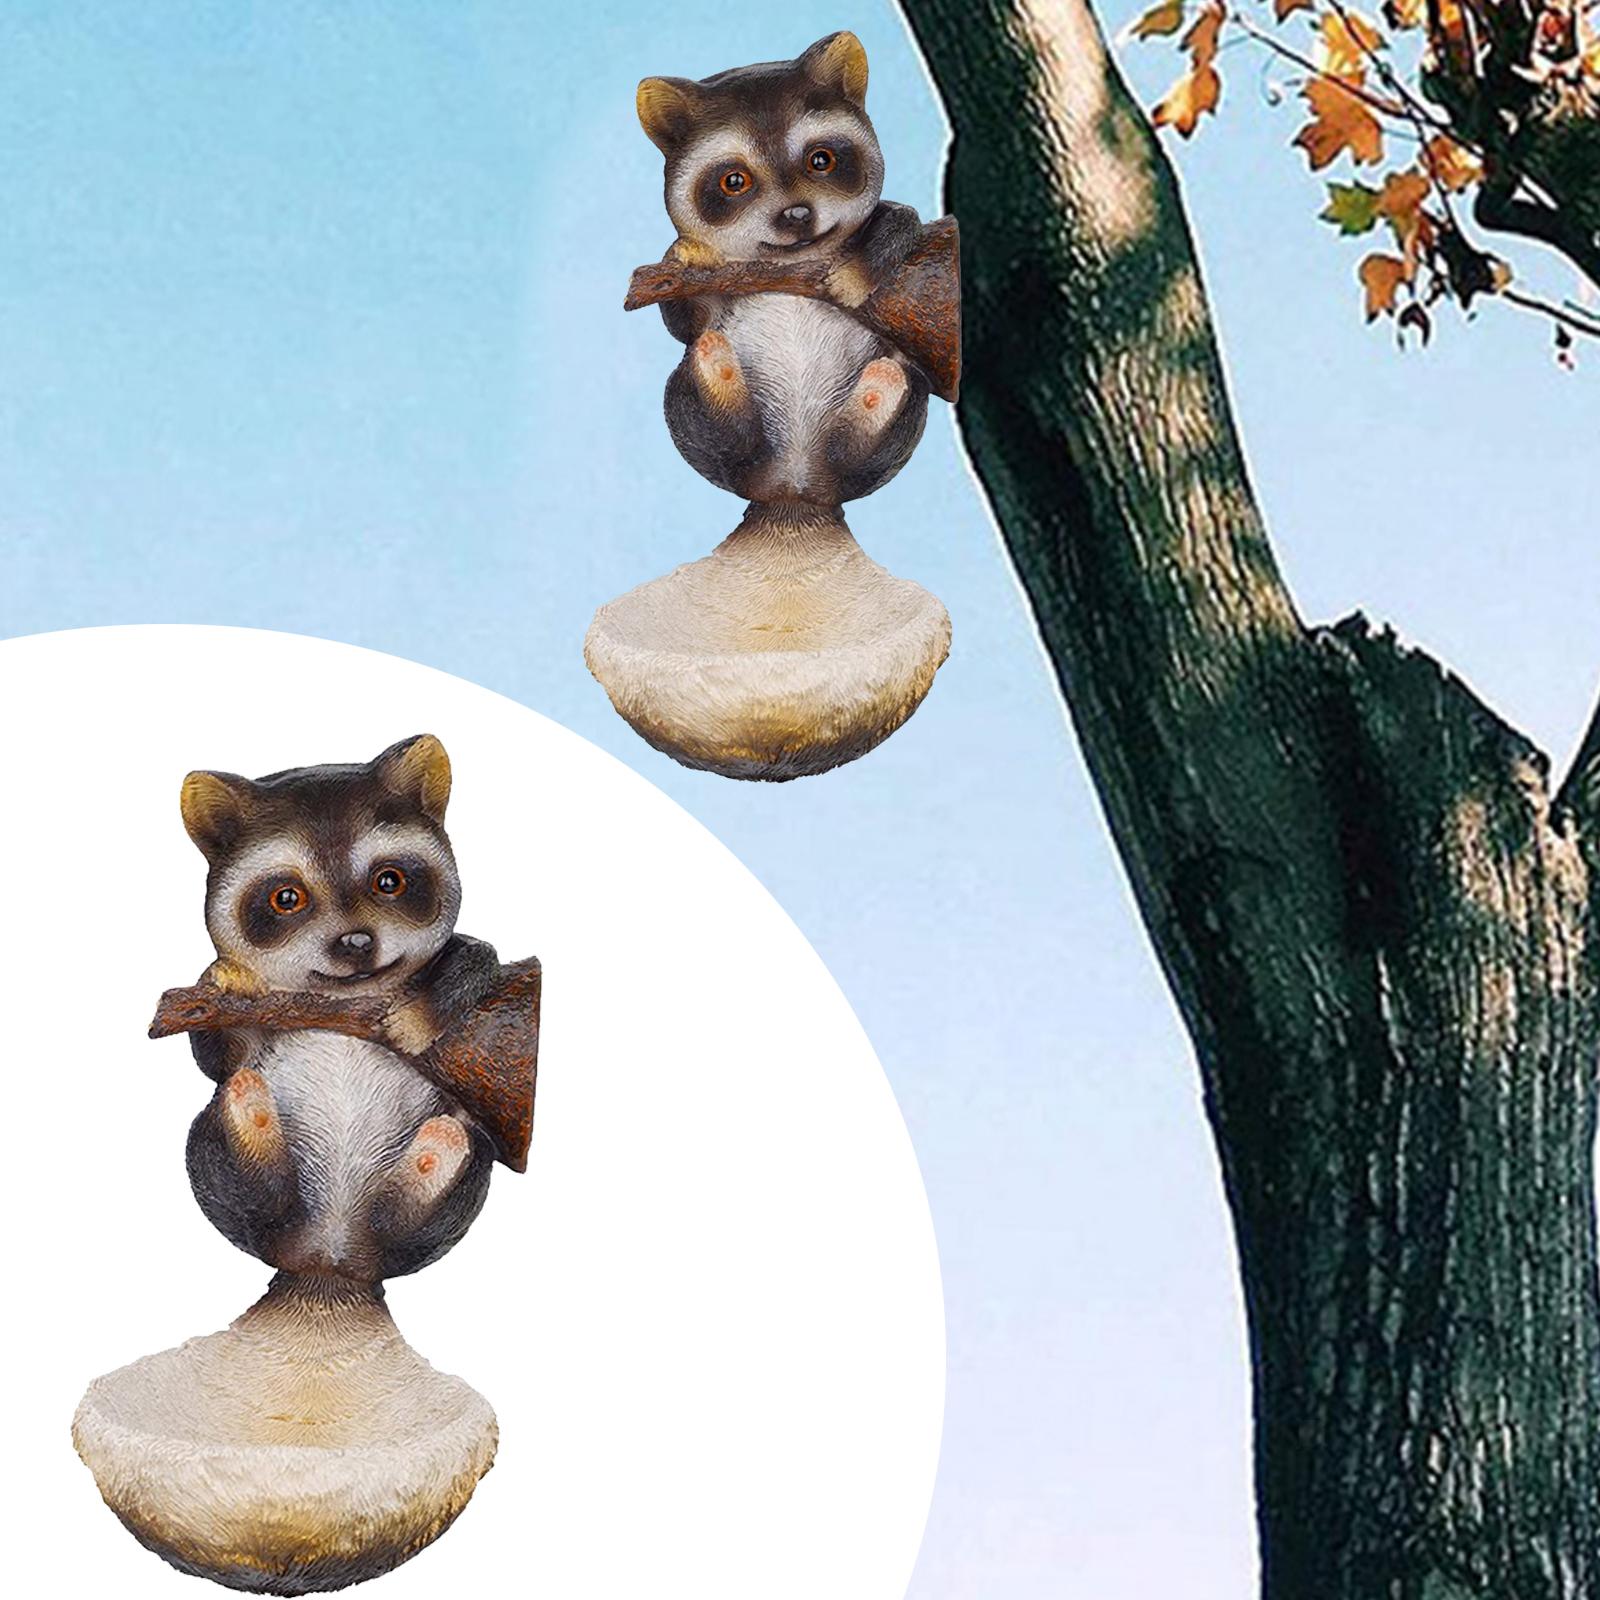 thumbnail 8 - Animal Sculpture Bird Feeder Home Outdoor Tree Decor Bird Feeding Tray